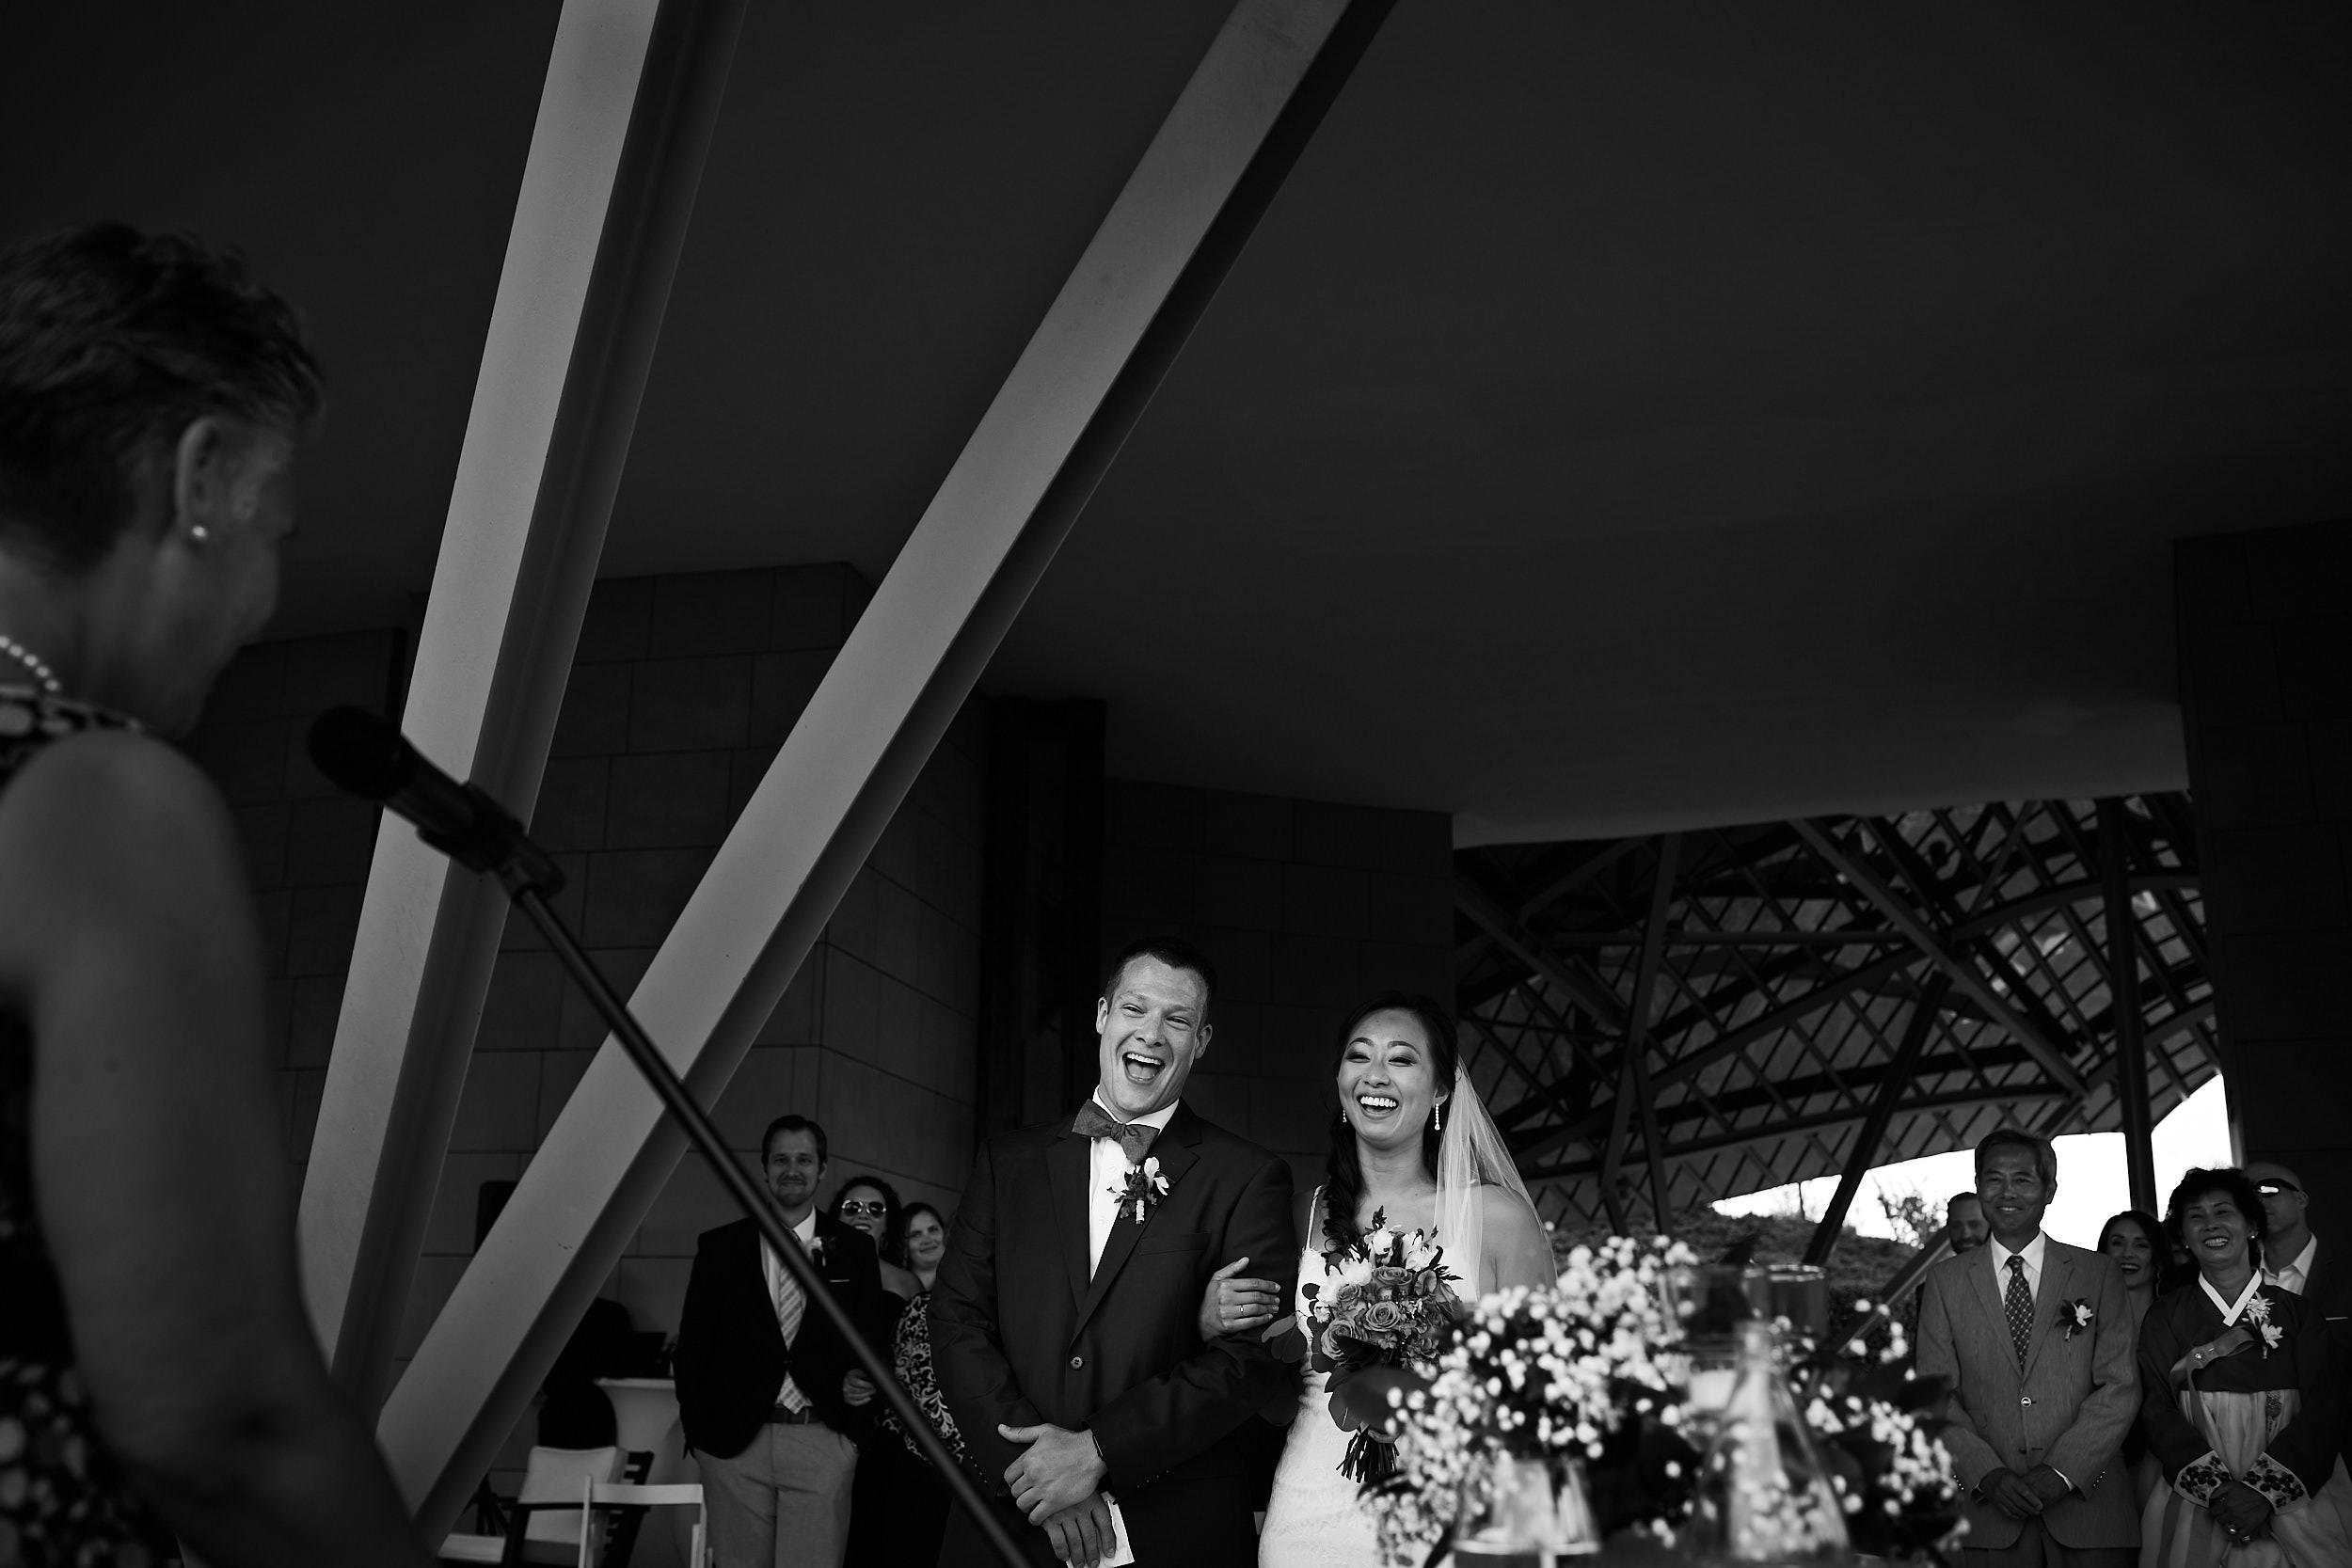 Basque_Country_Wedding_Photographer_Marques_De_Riscal_Elciego_Alava_Sturcke18.jpg